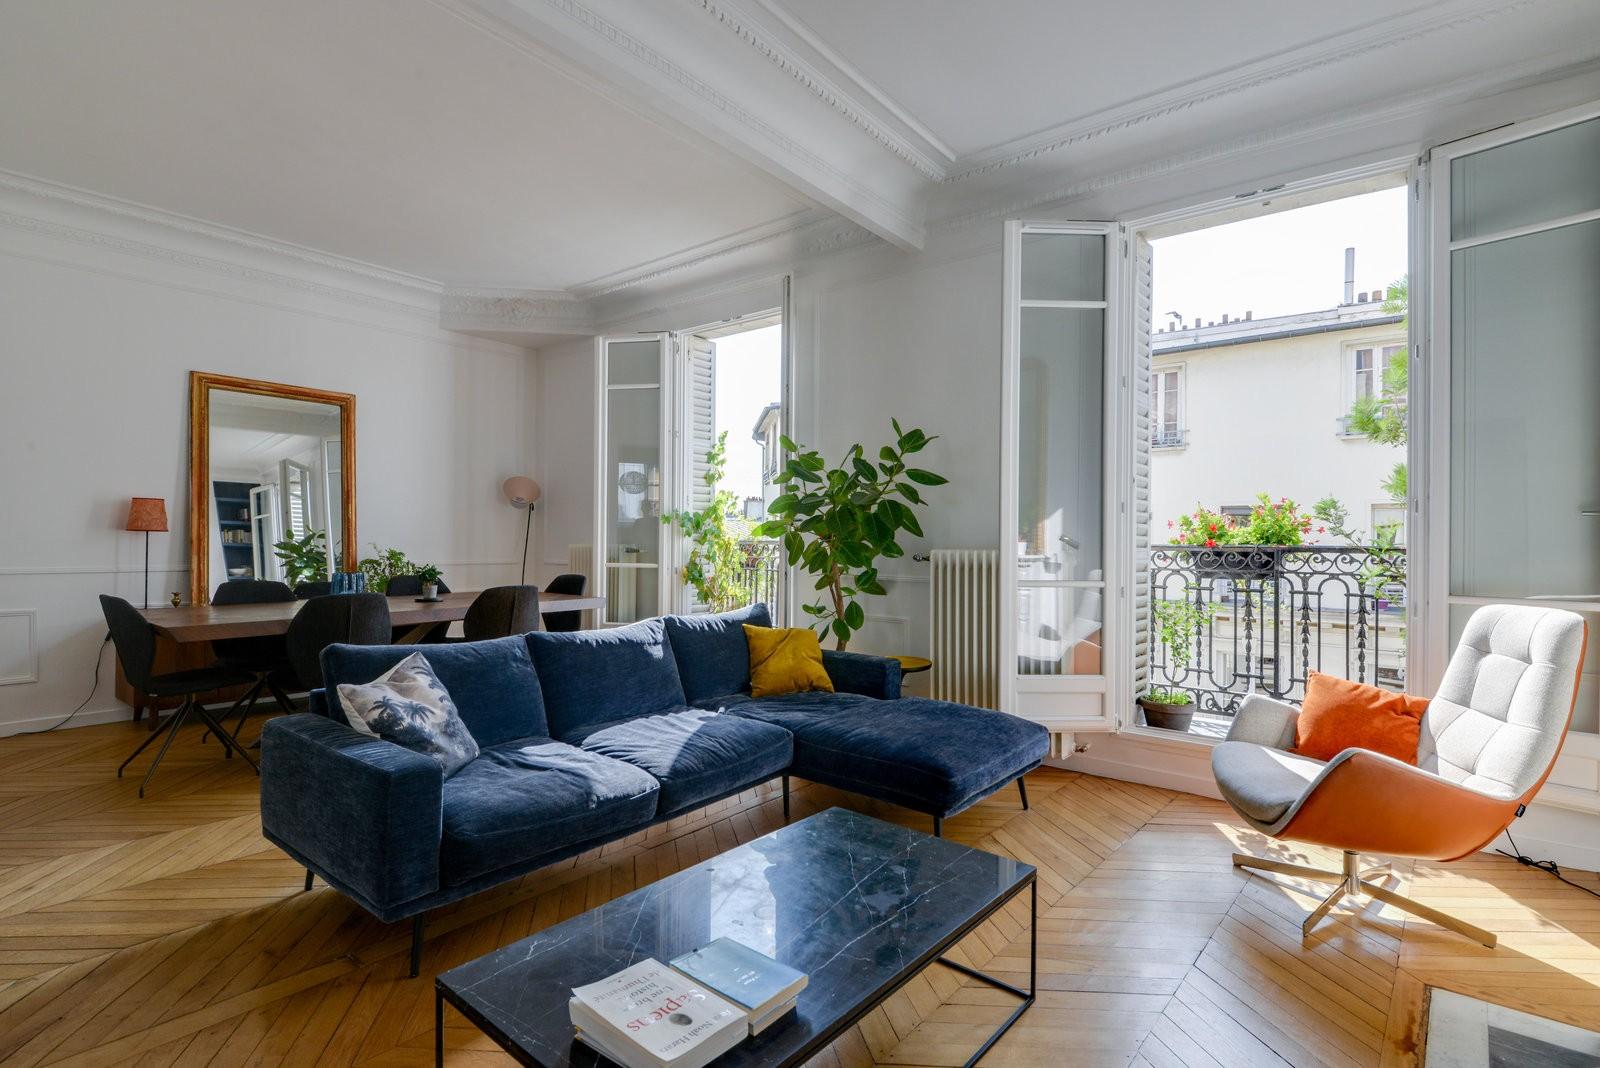 Un salon haussmannien, très chic et convivial. Appartement très lumineux, avec un canapé bleu et un fauteuil blanc et orange.